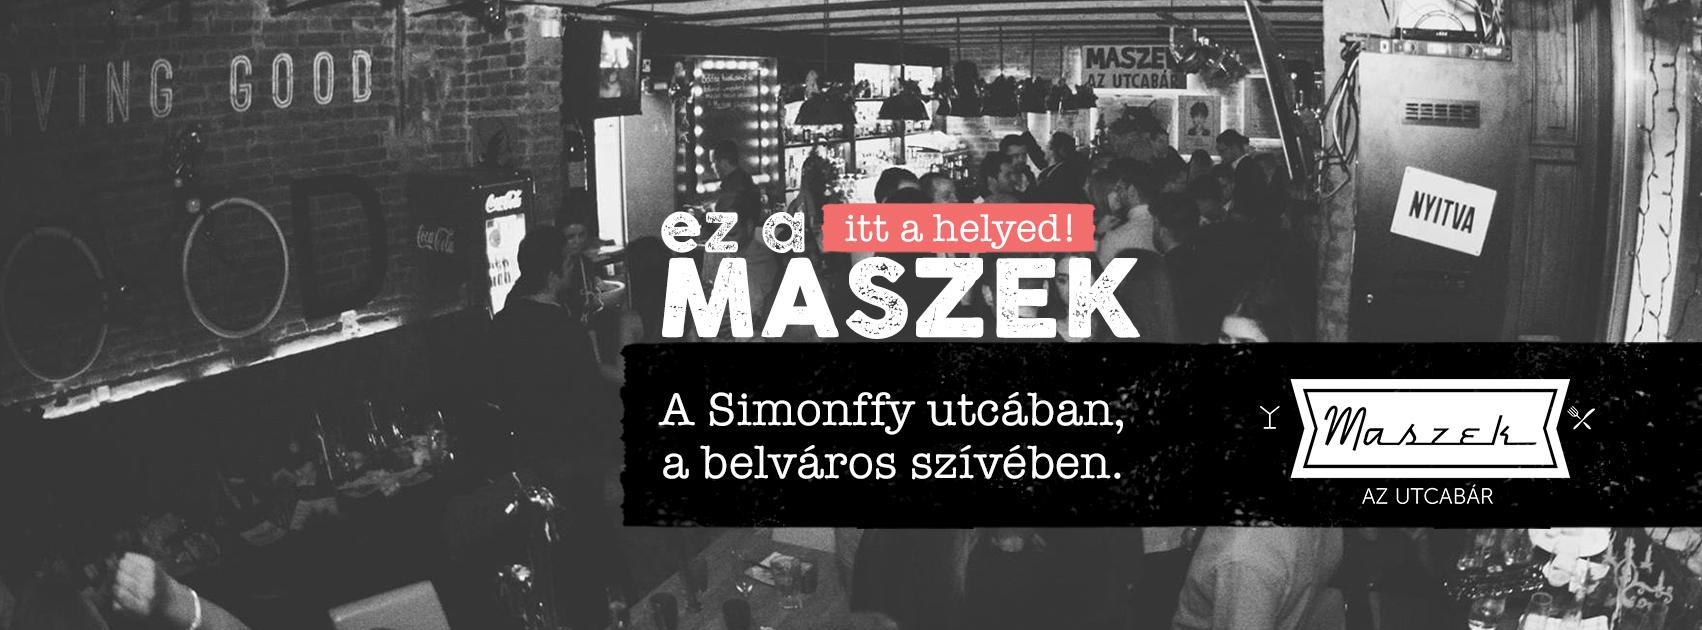 0118_maszek_altalanos_cover_4.JPG